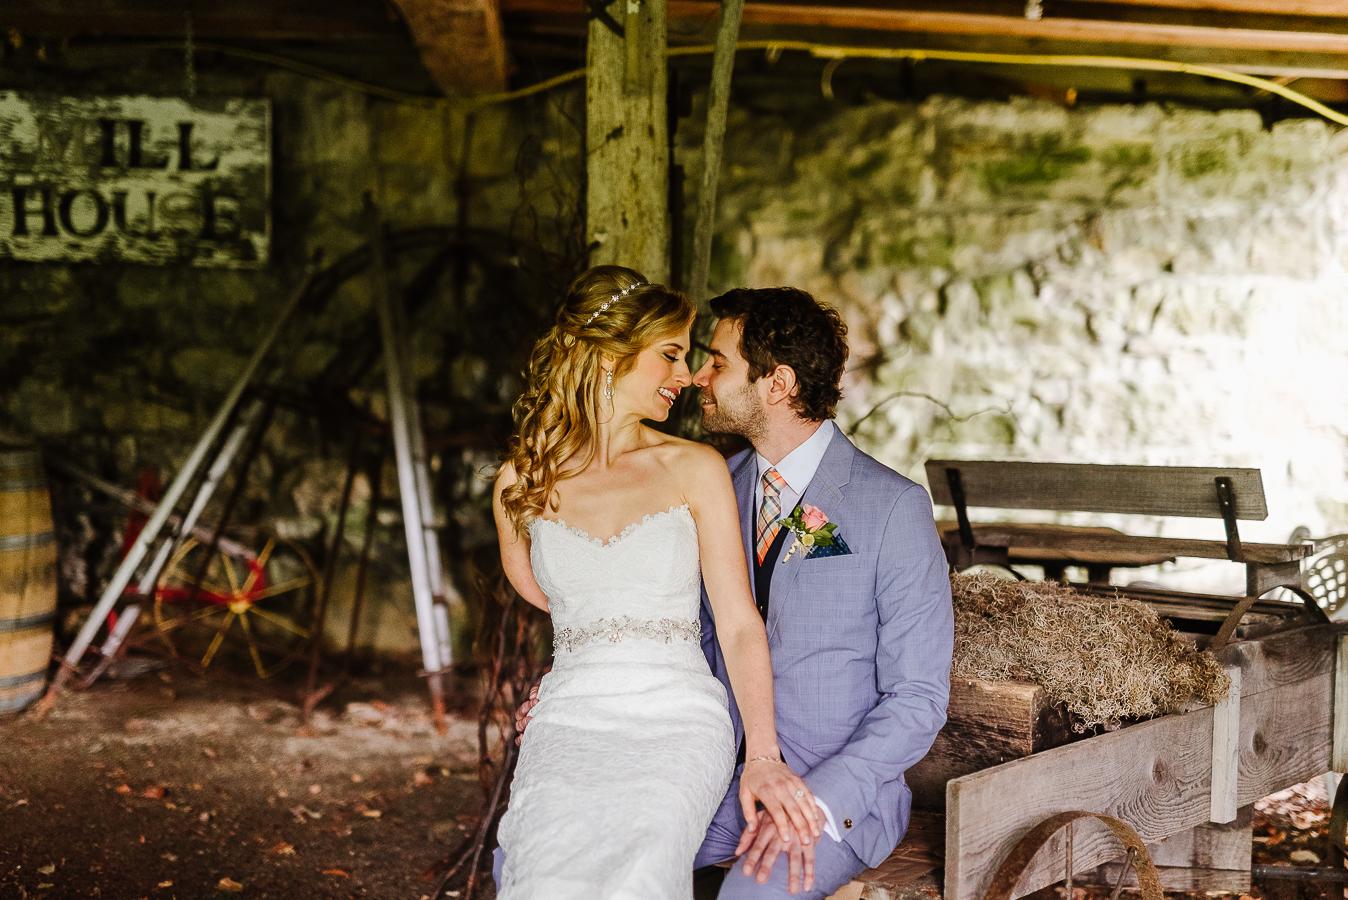 Stylish Crossed Keys Inn Wedding Crossed Keys Wedding Crossed Keys Inn Andover NJ Longbrook Photography-23.jpg